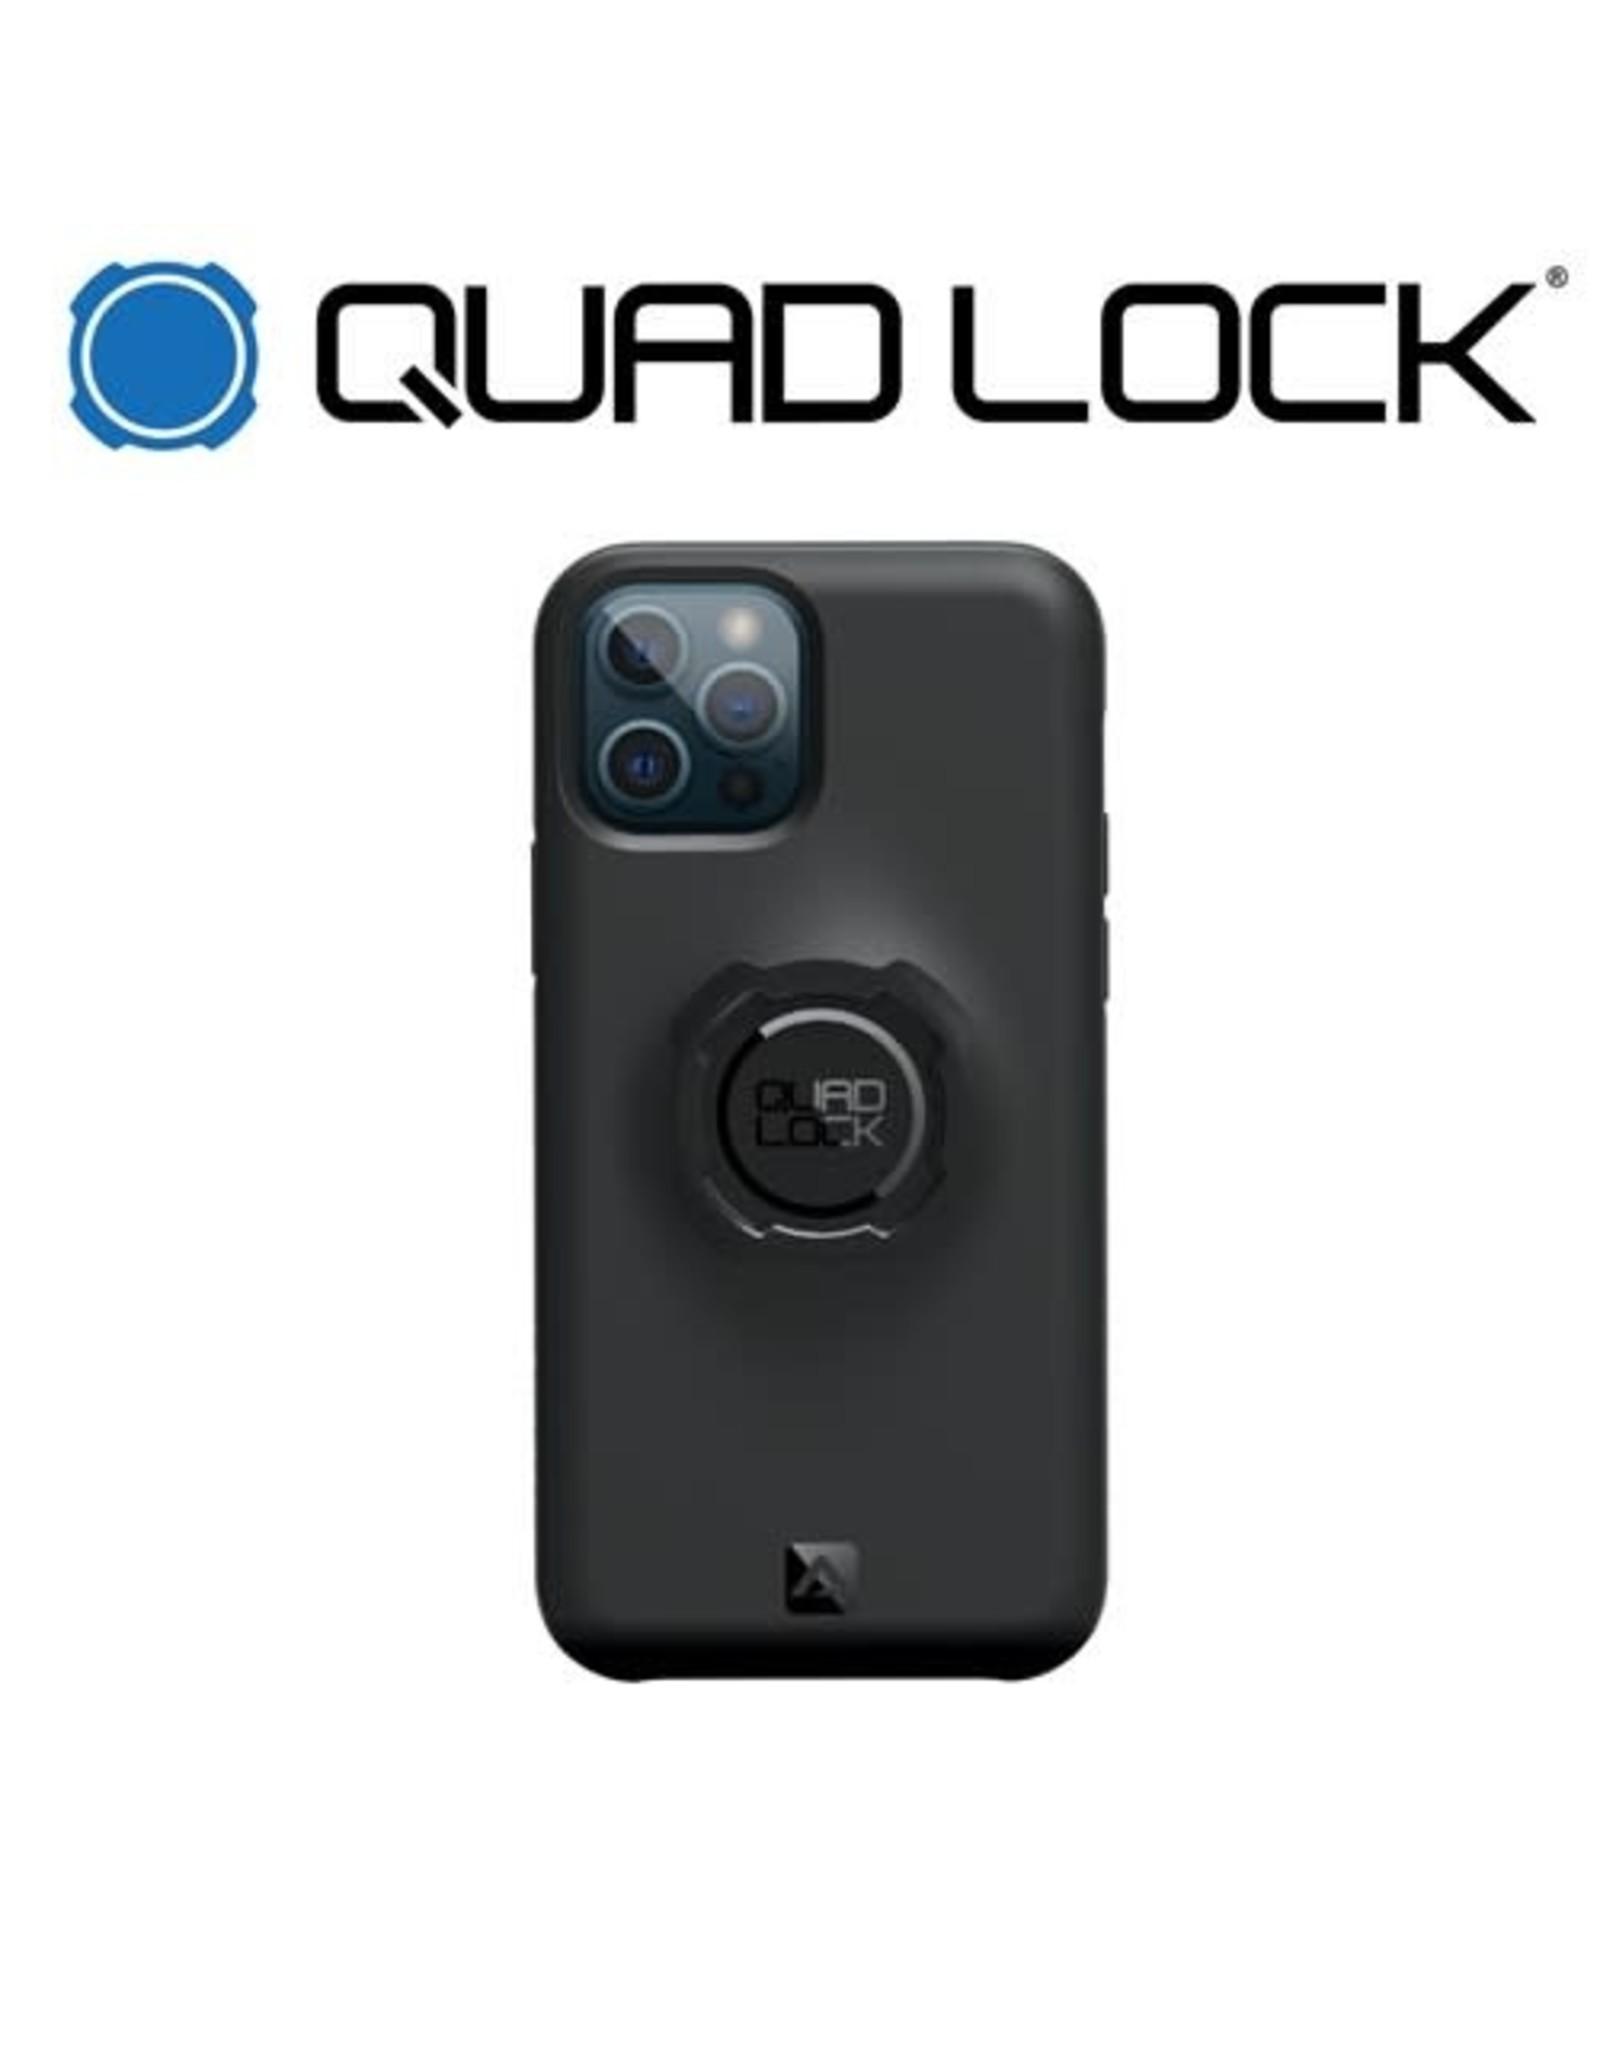 QUAD LOCK QUAD LOCK FOR iPHONE 12 PRO PHONE CASE